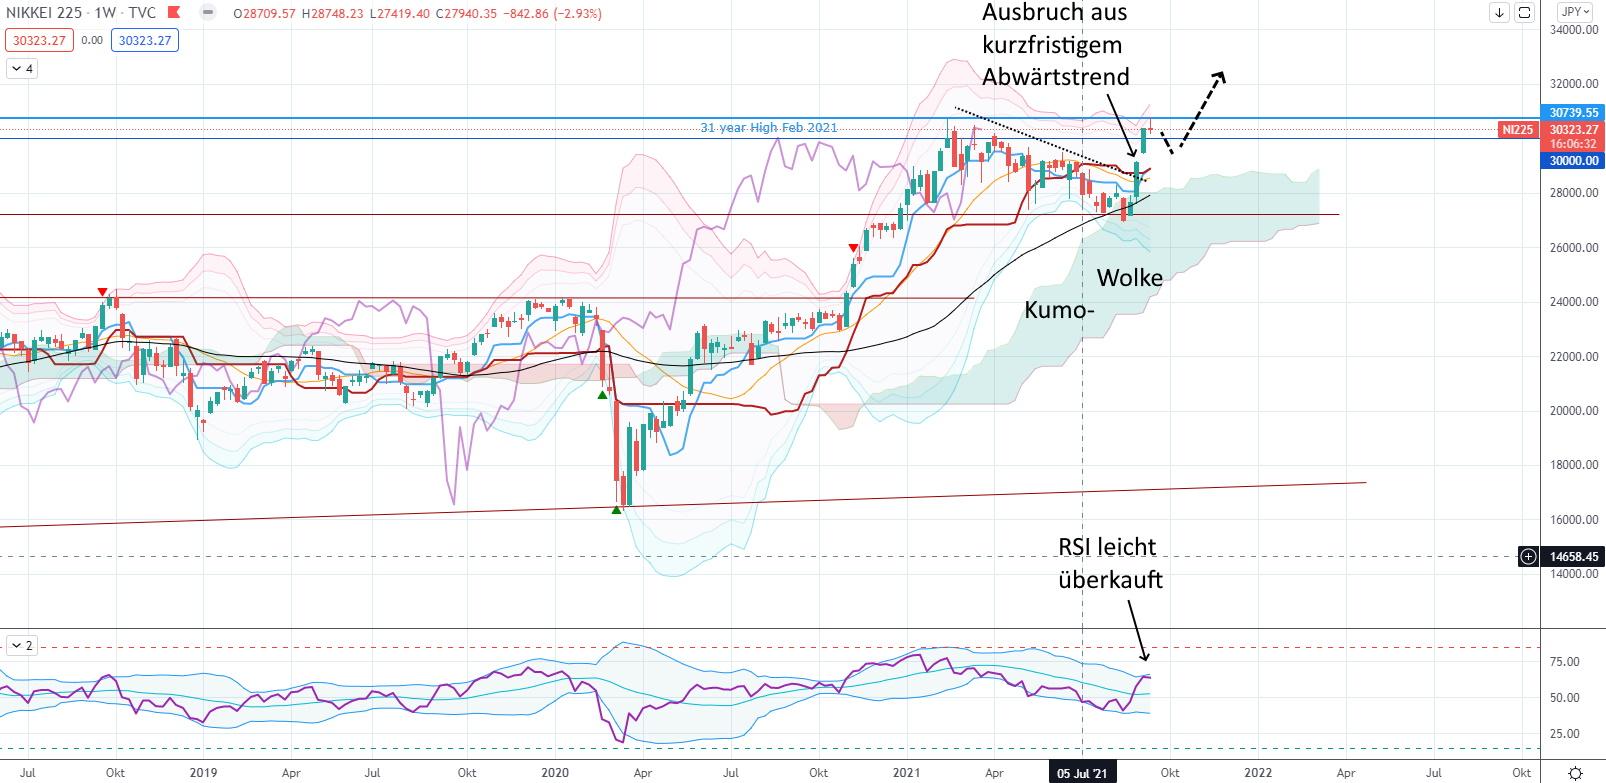 Der japanische Nikkei steht kurz vor einer langfristigen Kaufentscheidung! - Nikkei mittelfristig